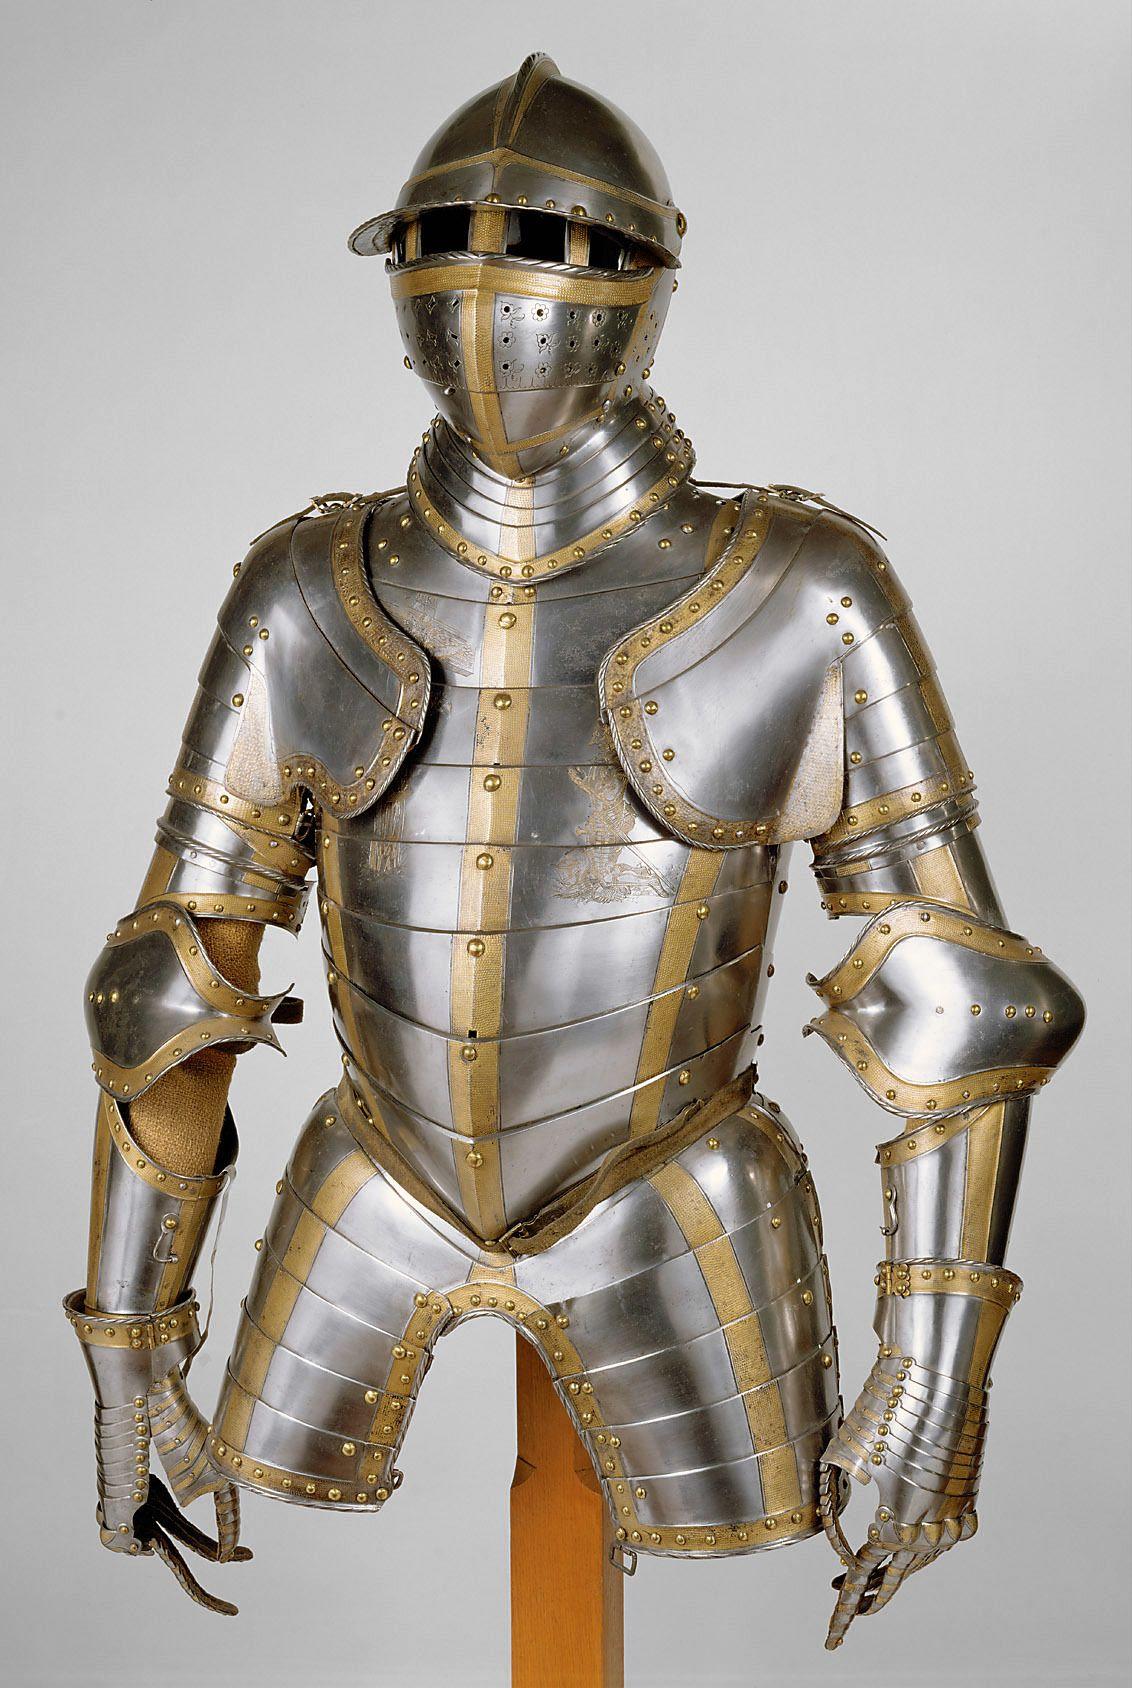 счастью, как правильно одевать рыцарские доспехи фото можем изготовить